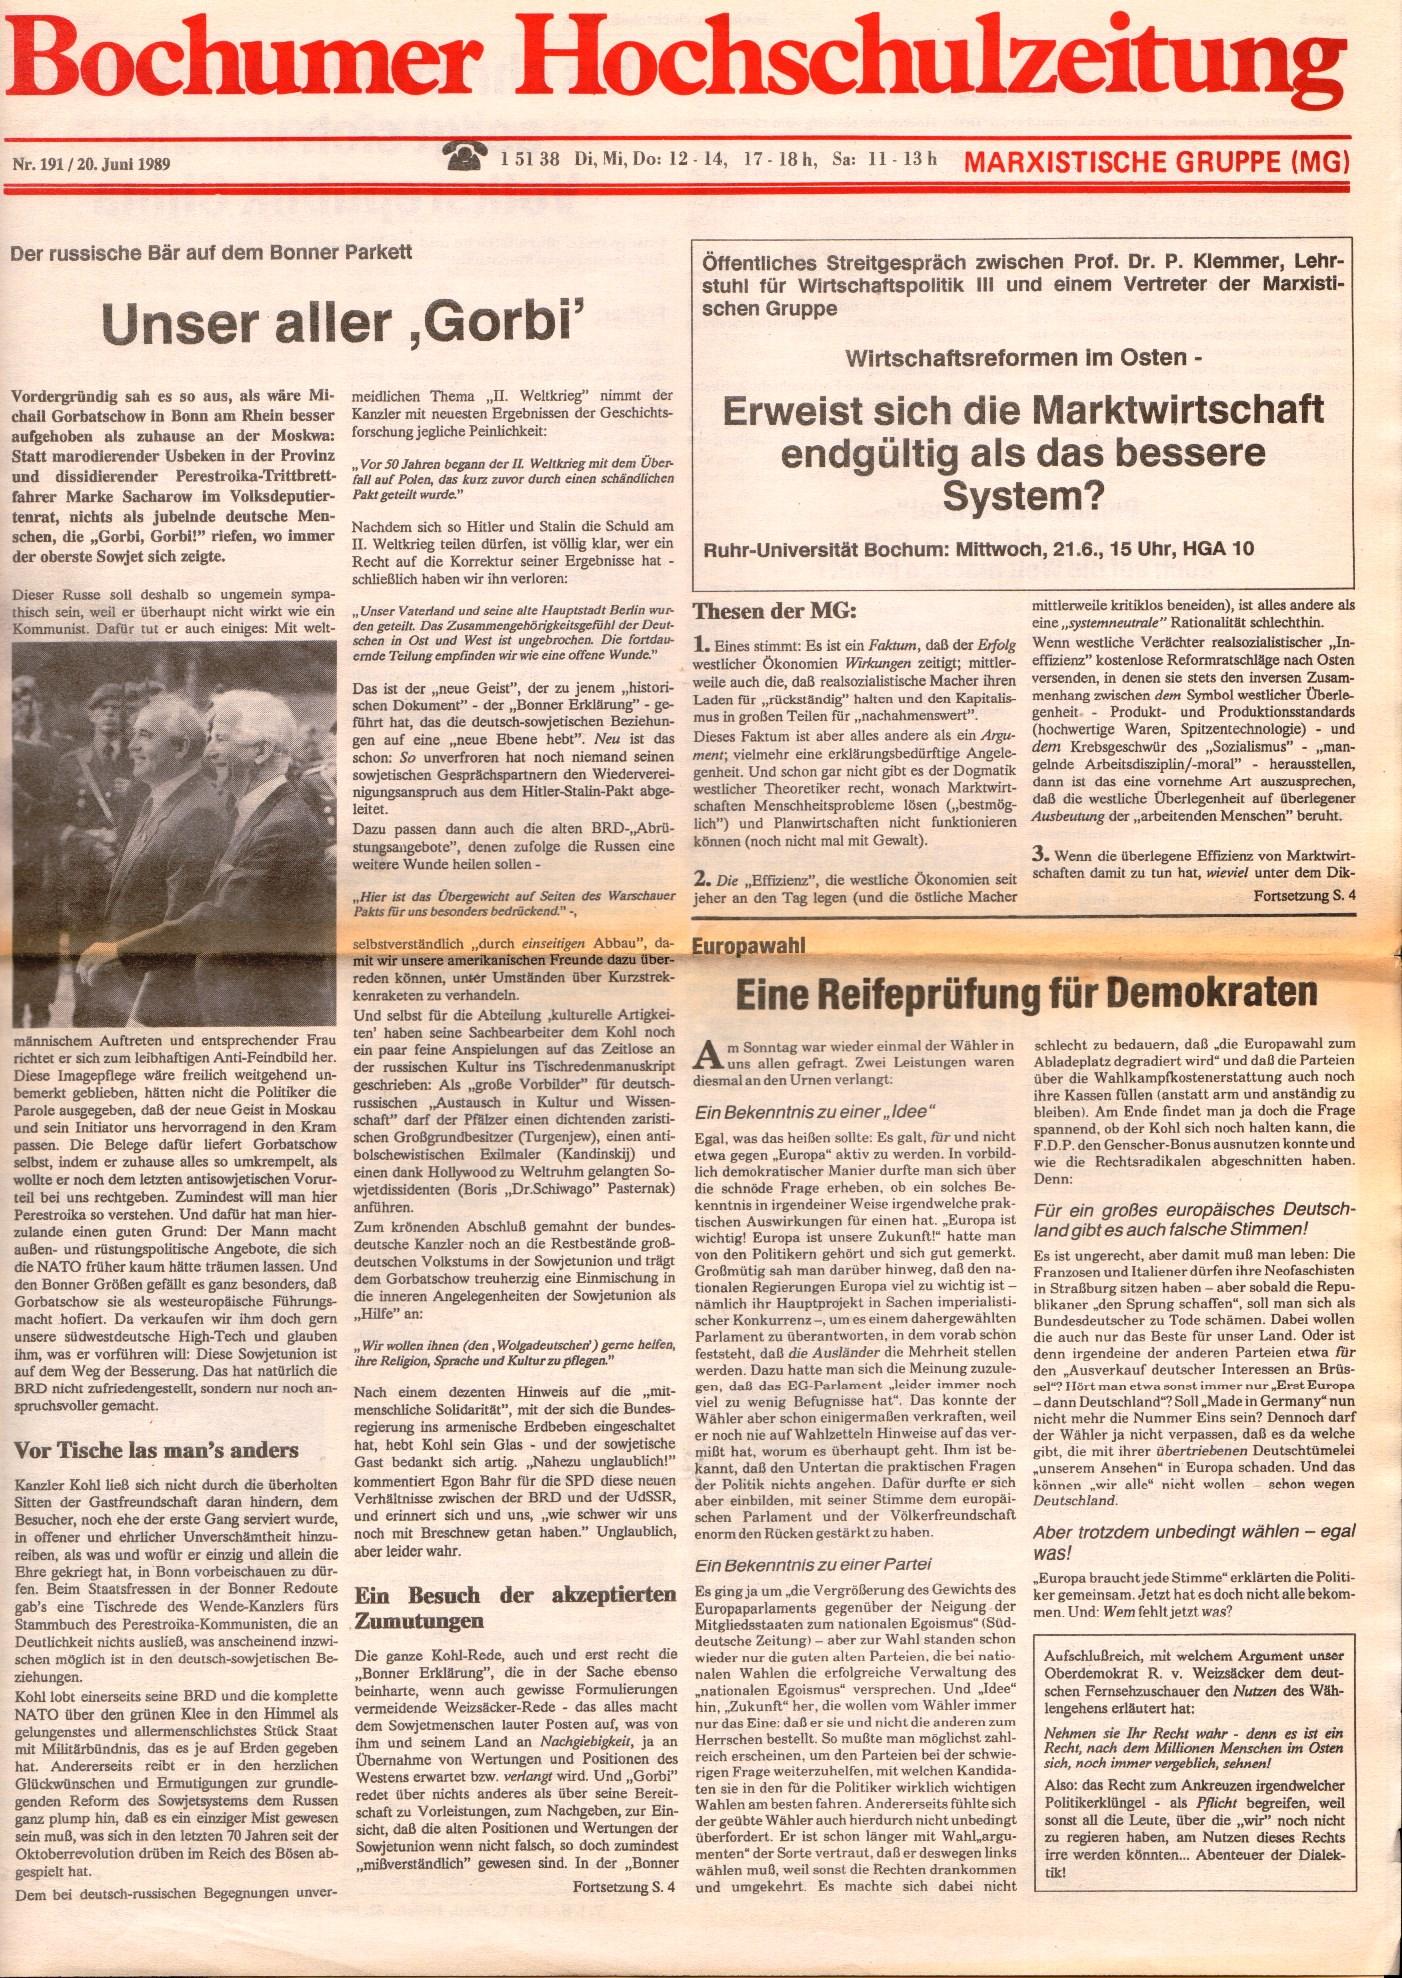 MG_Bochumer_Hochschulzeitung_19890620_01